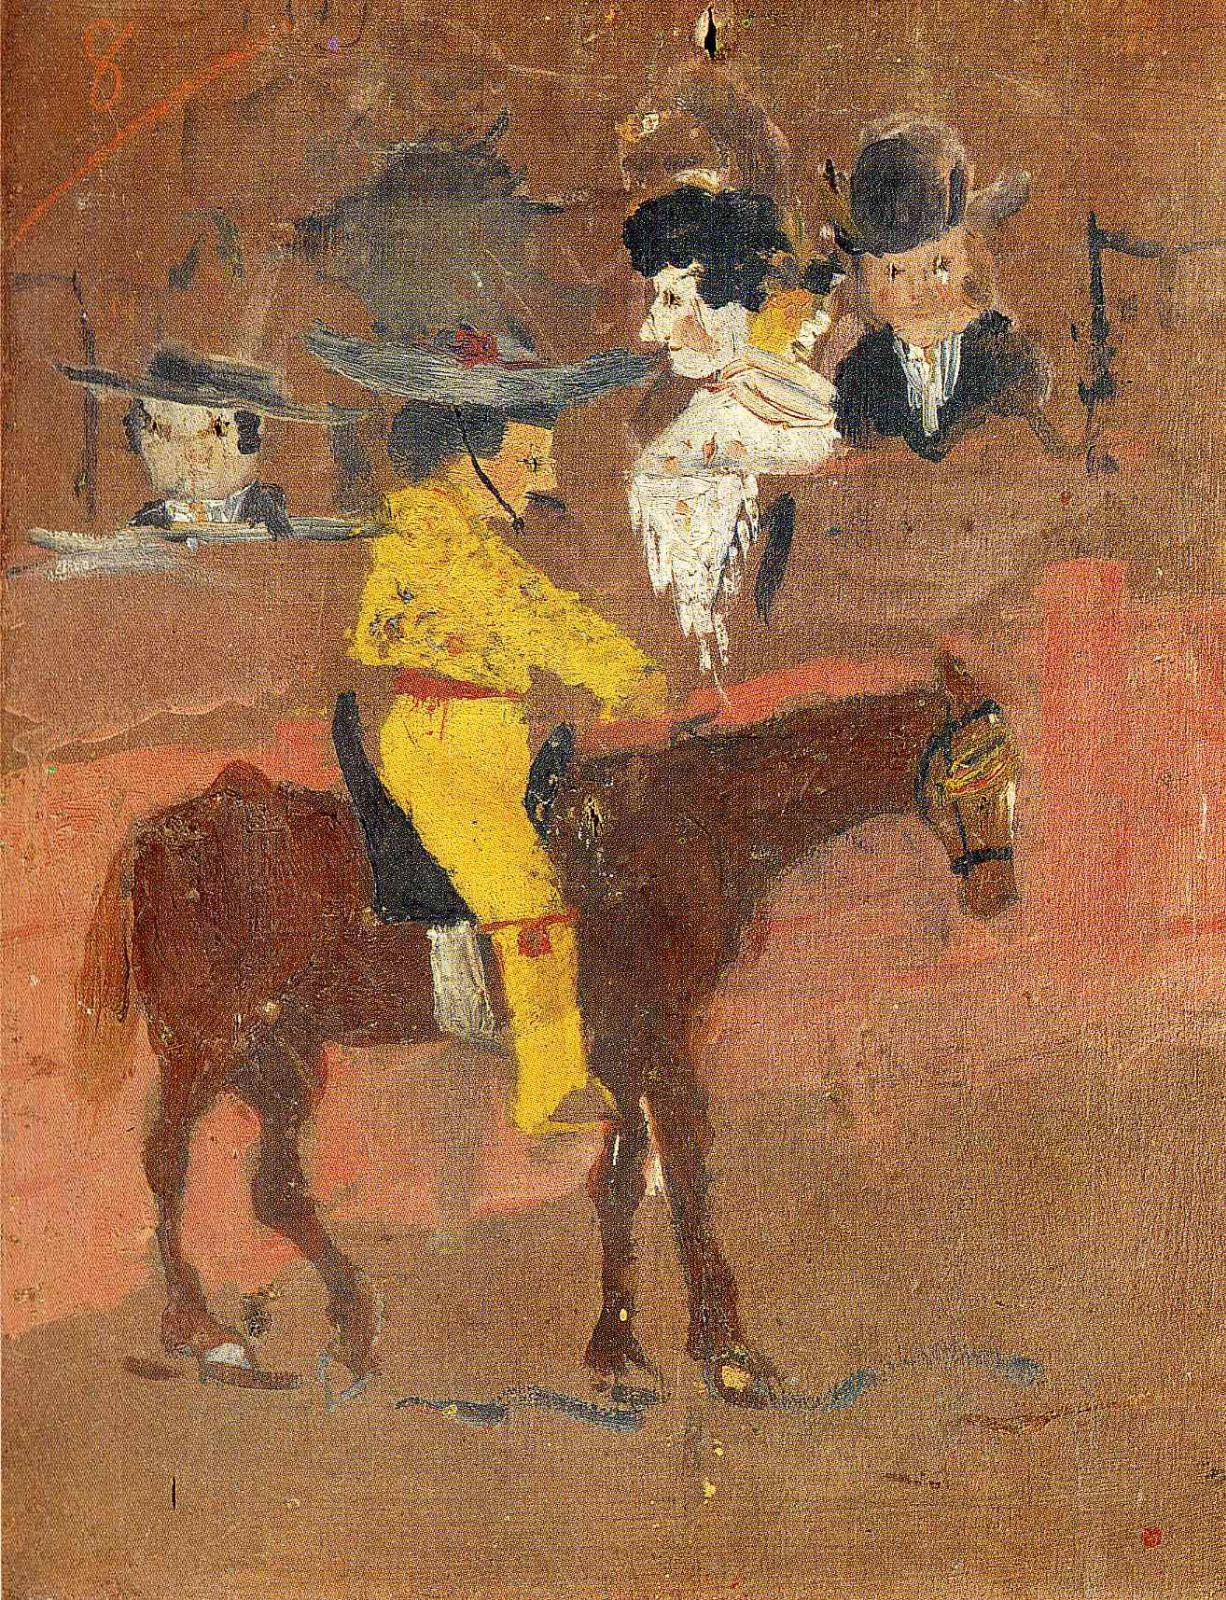 Пабло Пикассо. Желтый пикадор